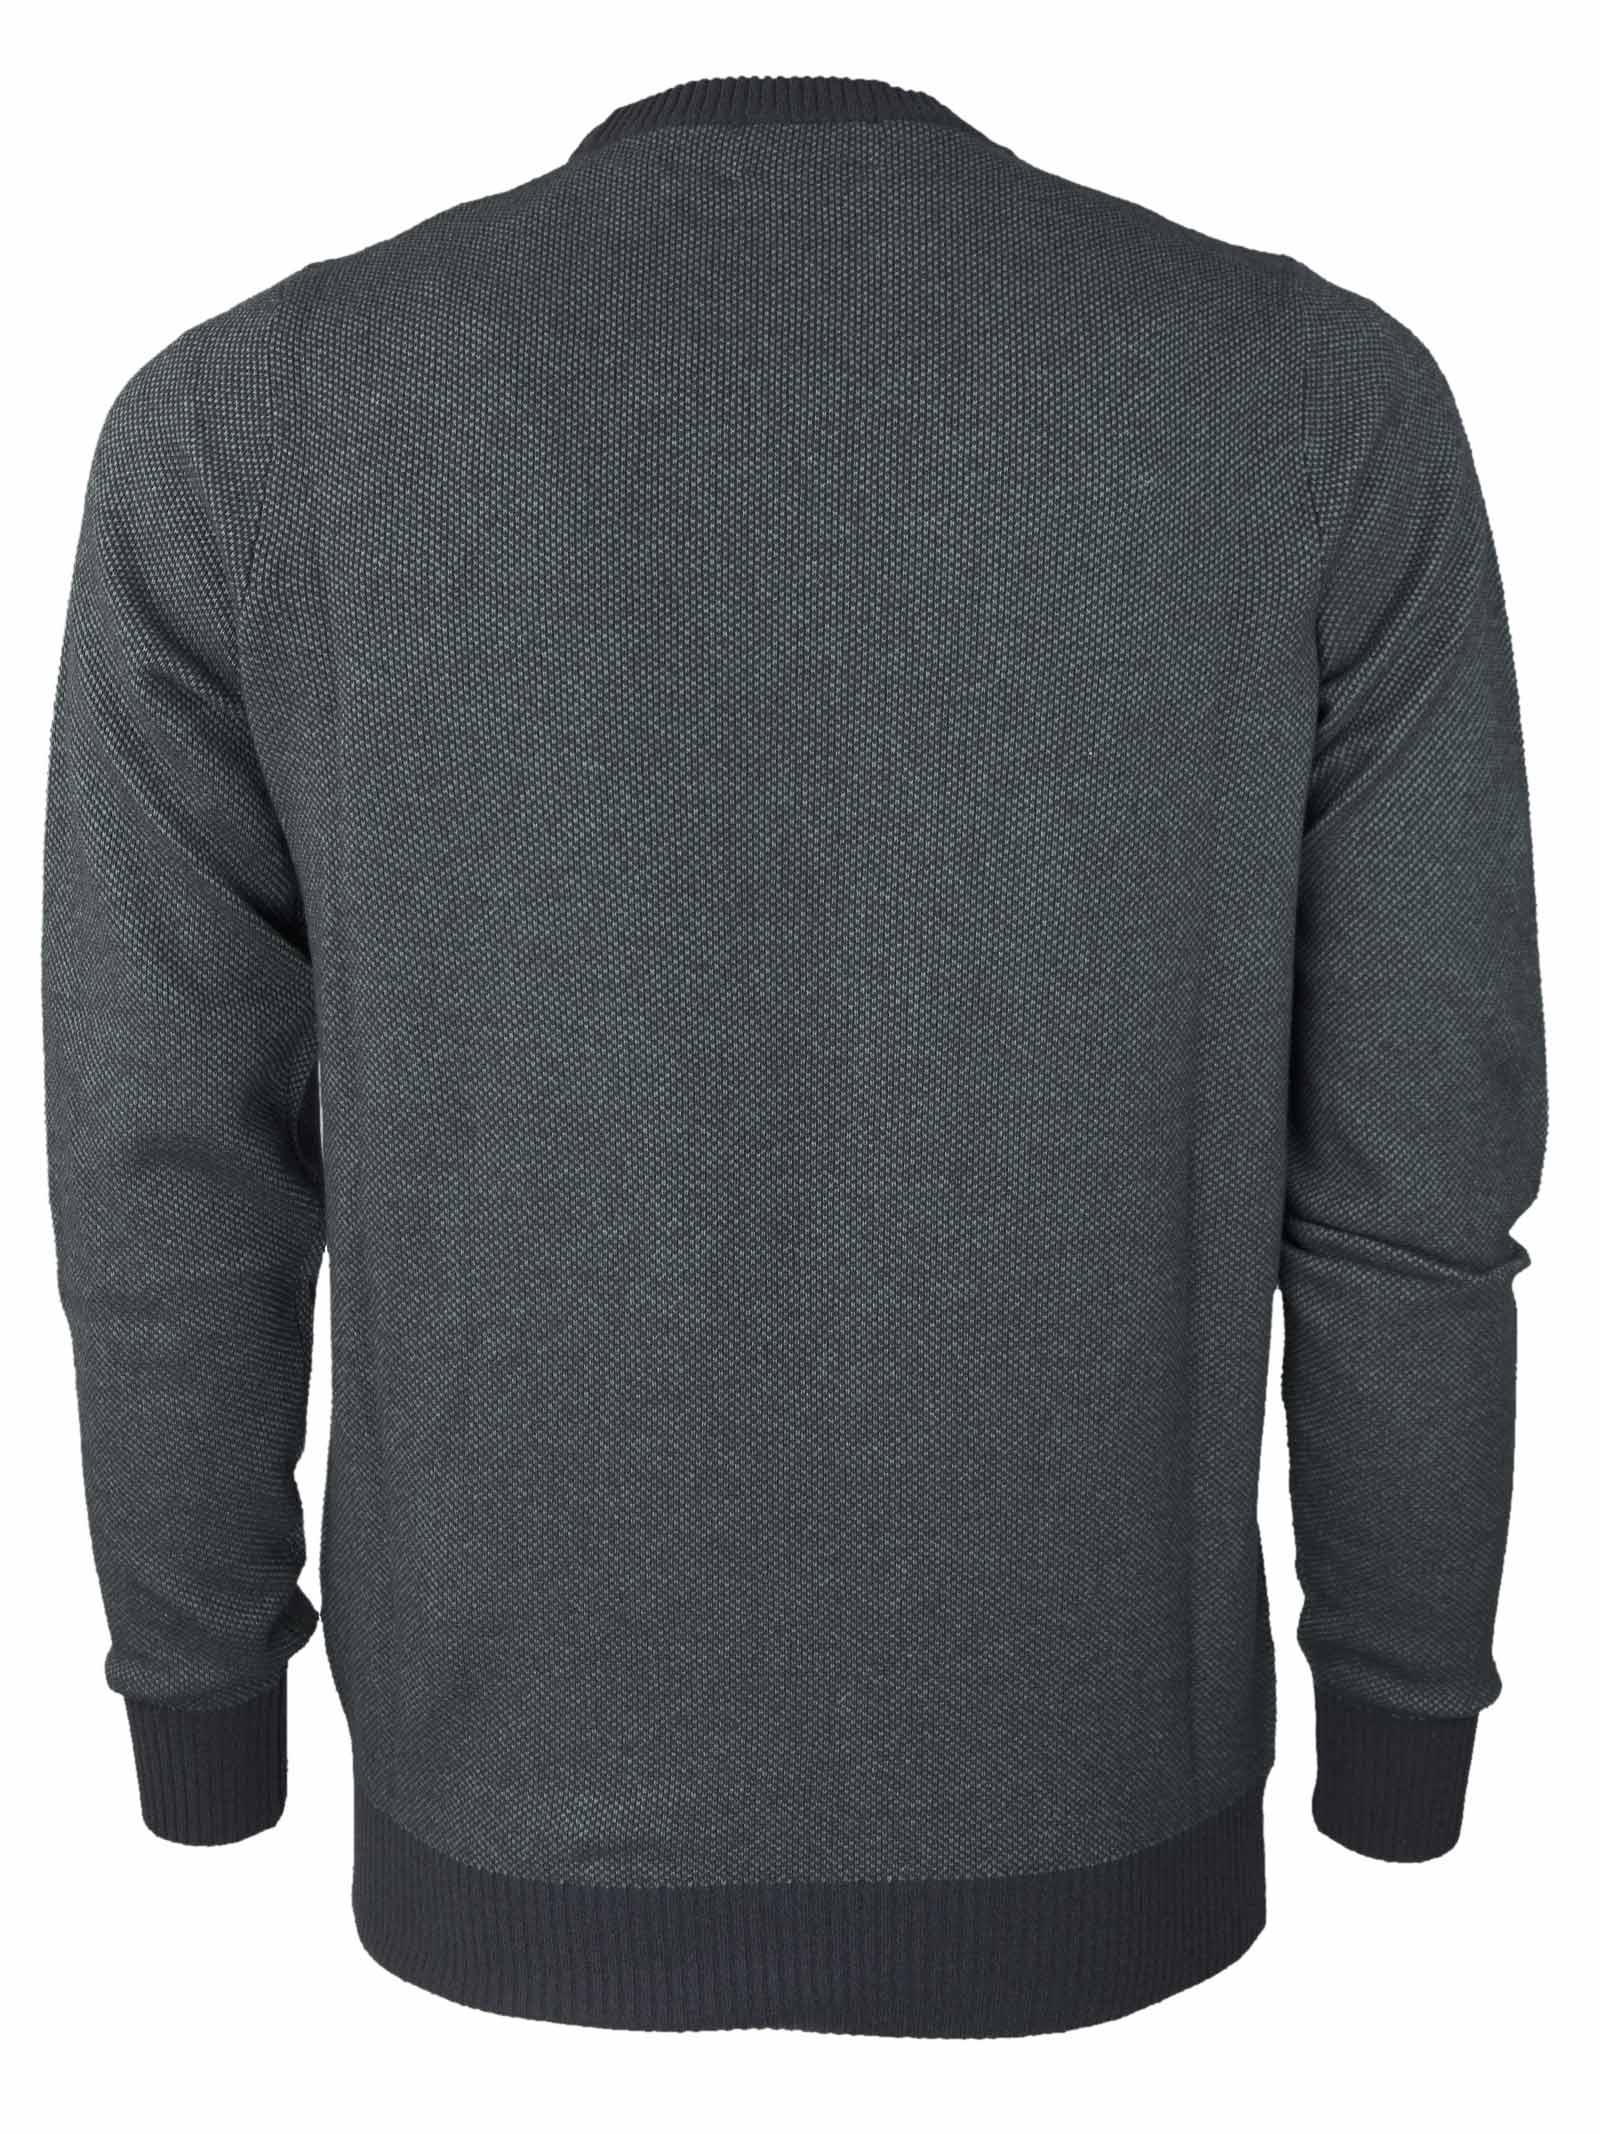 Crew neck pullover BROOKSFIELD | Knitwear | 203F.W0400135